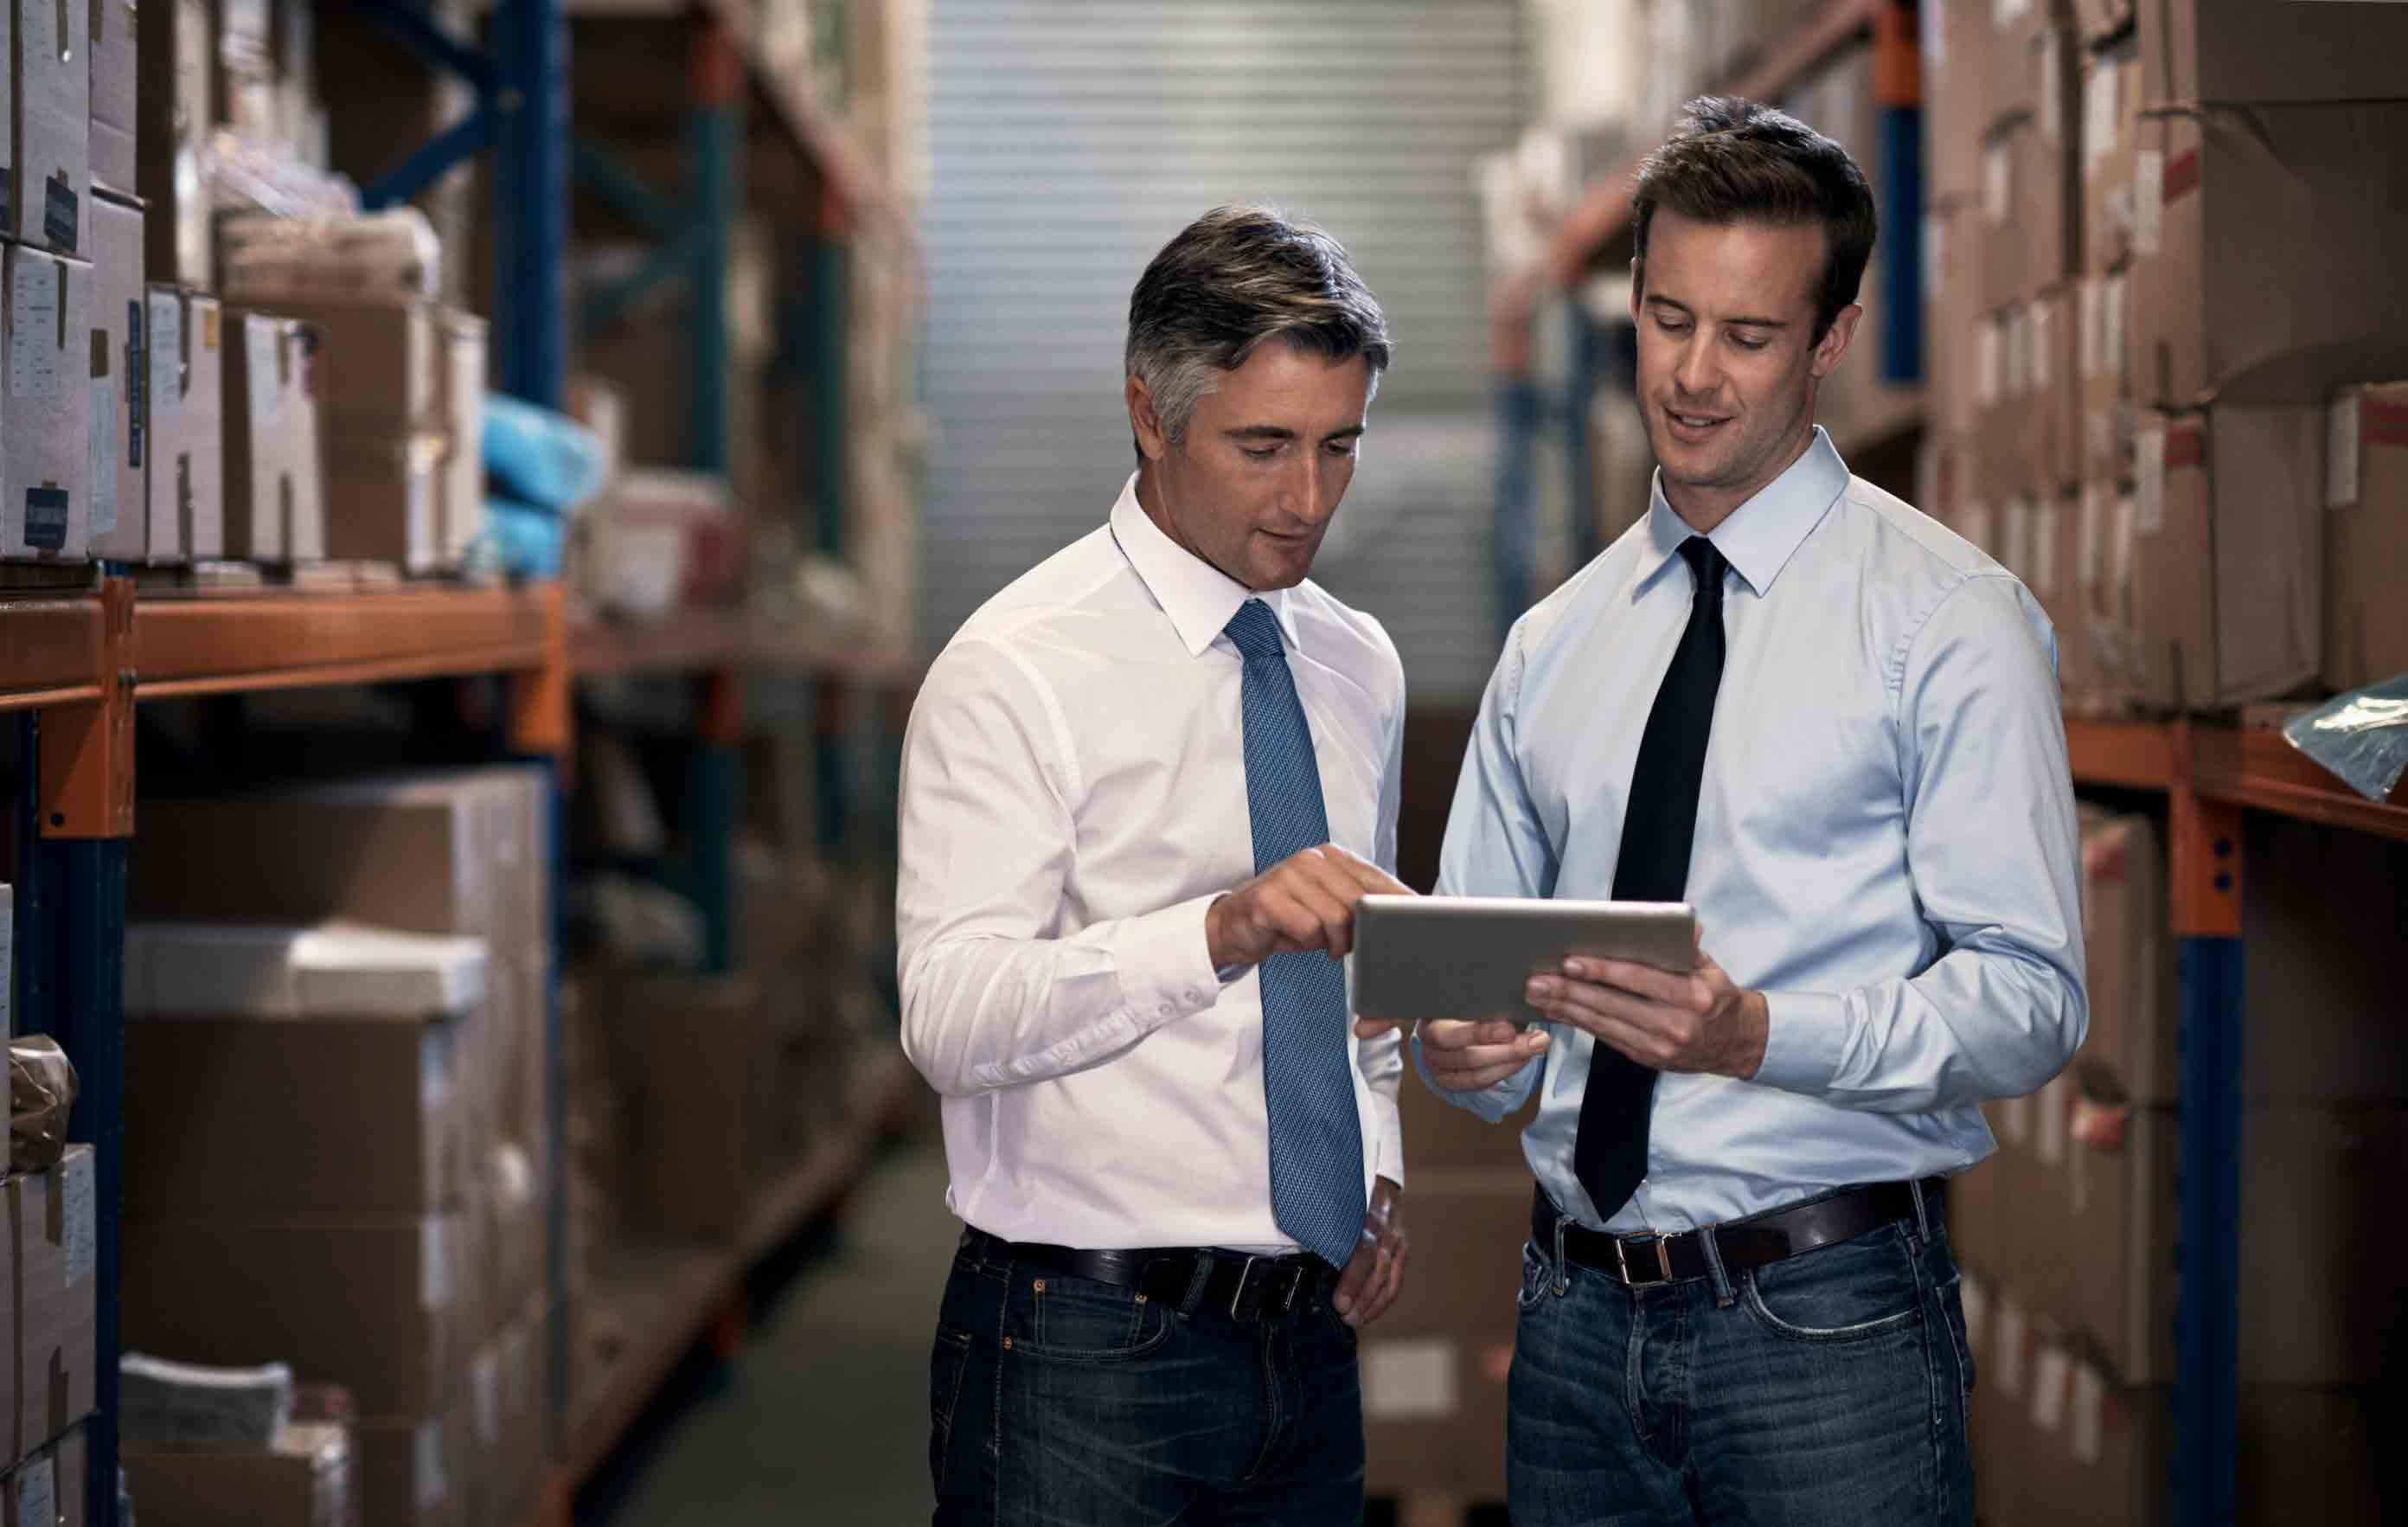 Studie Mittelstandskommunikation Digitalisierung Professionalisierung Fuehrung Unternehmenskommunikation